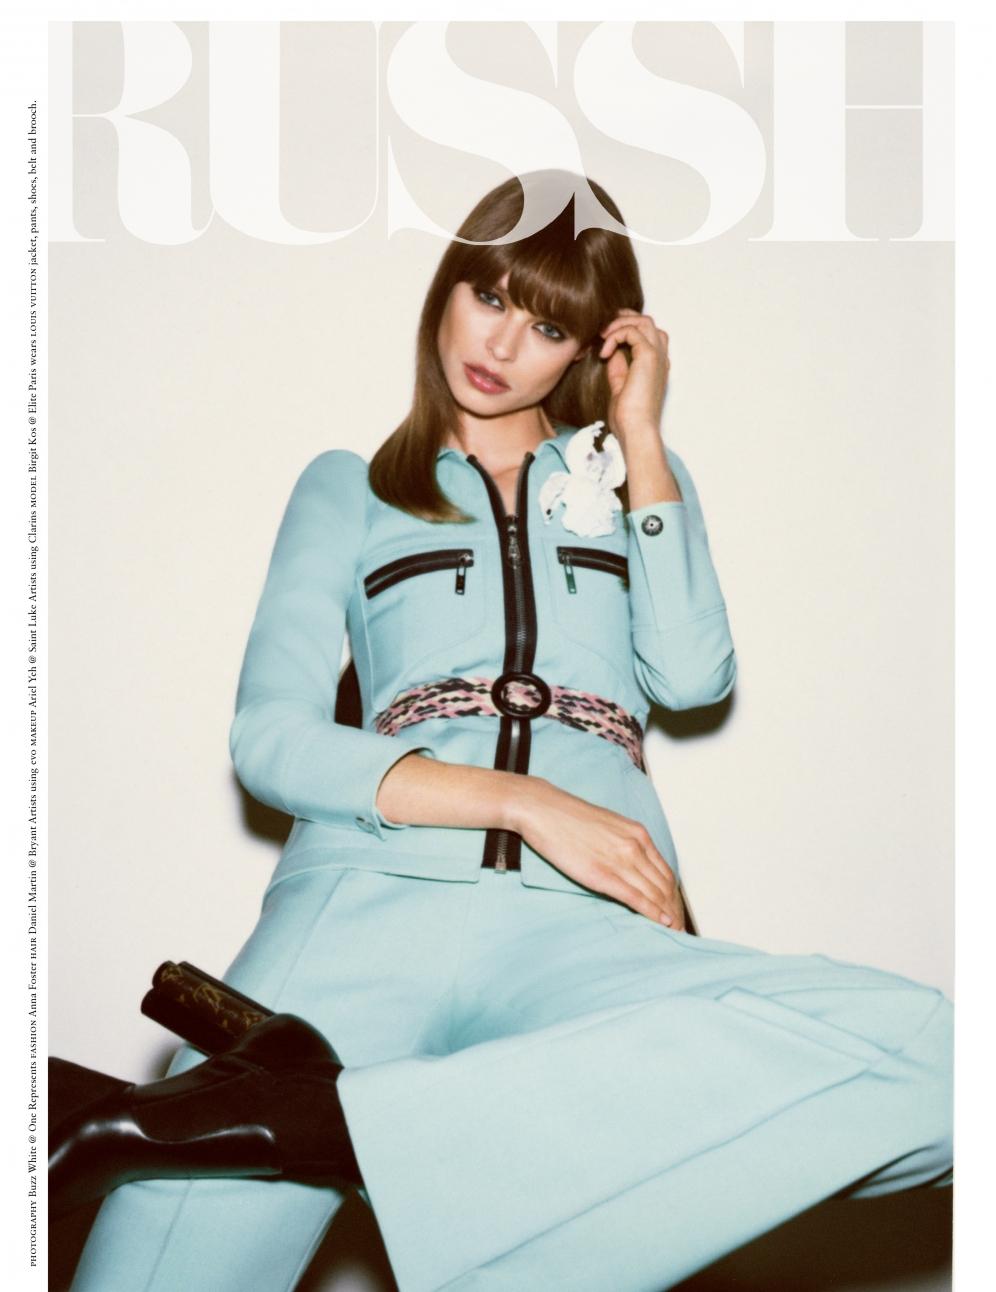 BIRGIT KOS | Russh Magazine